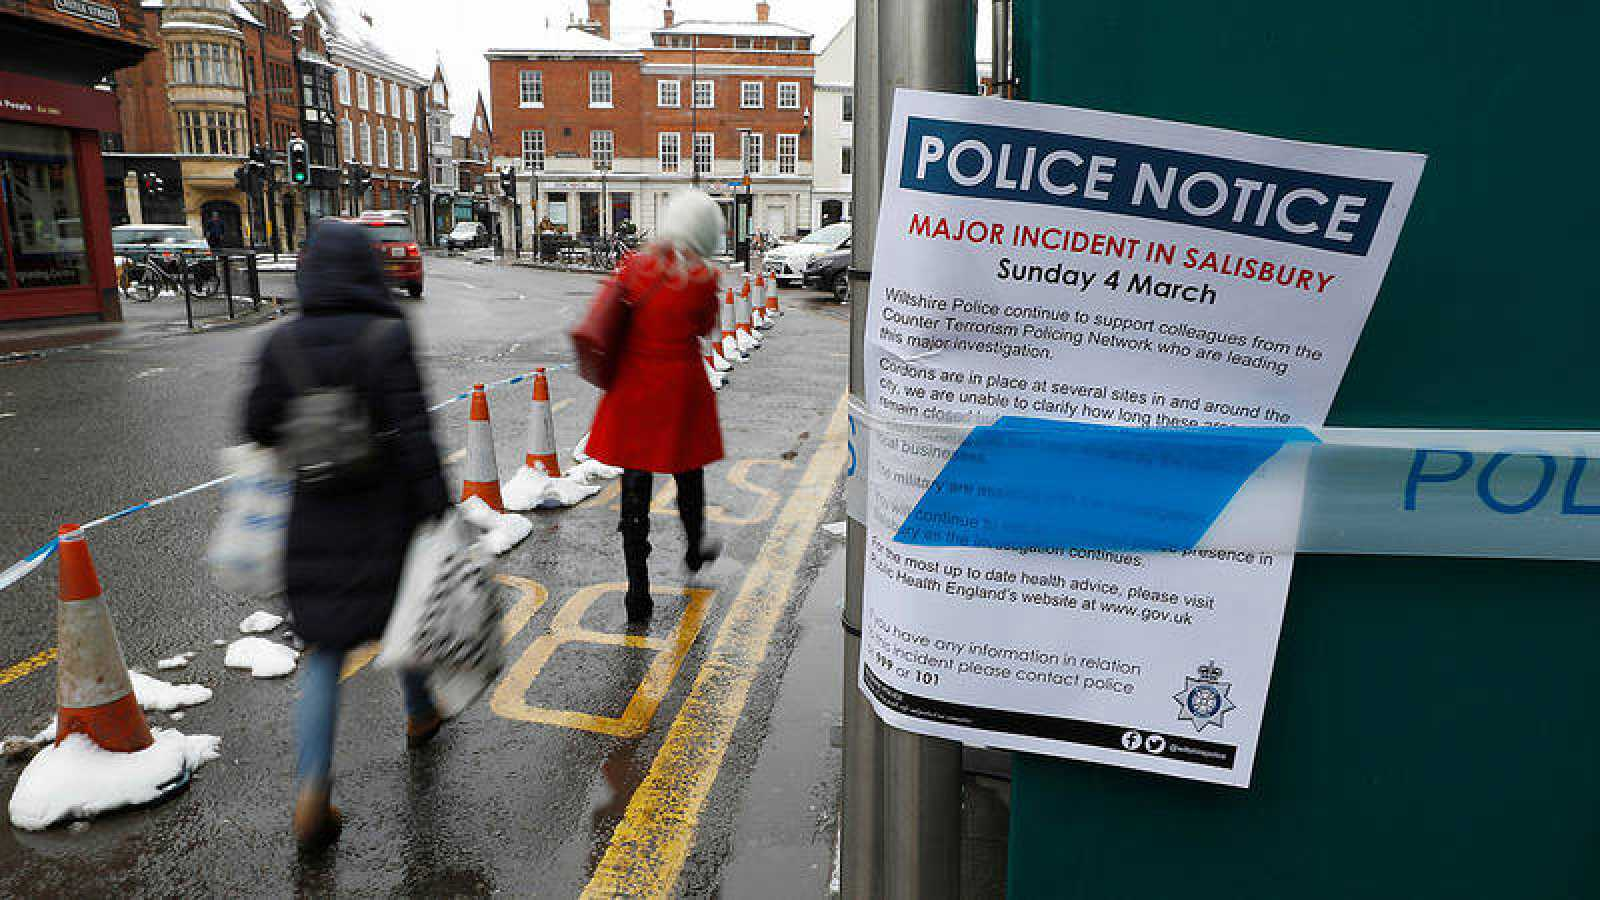 Nota policial junto a un restaurante que fue visitado por el exespía ruso Sergei Skripal y su hija, antes de ser hallados envenenados en Salisbury, Reino Unido.